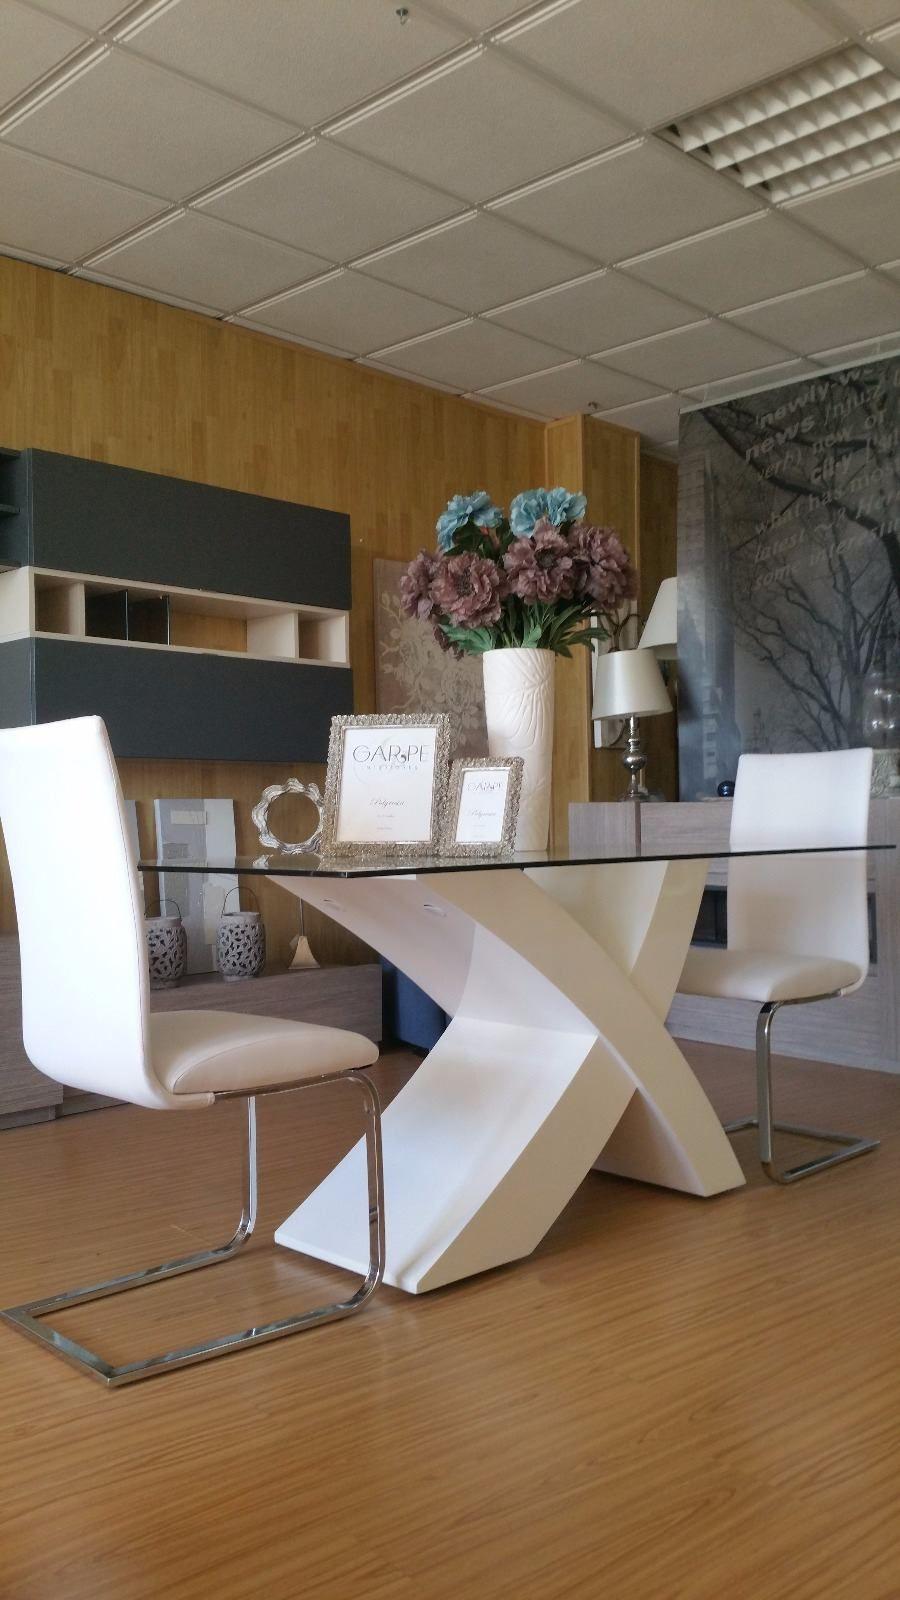 Comedores en tiendas de muebles en Murcia